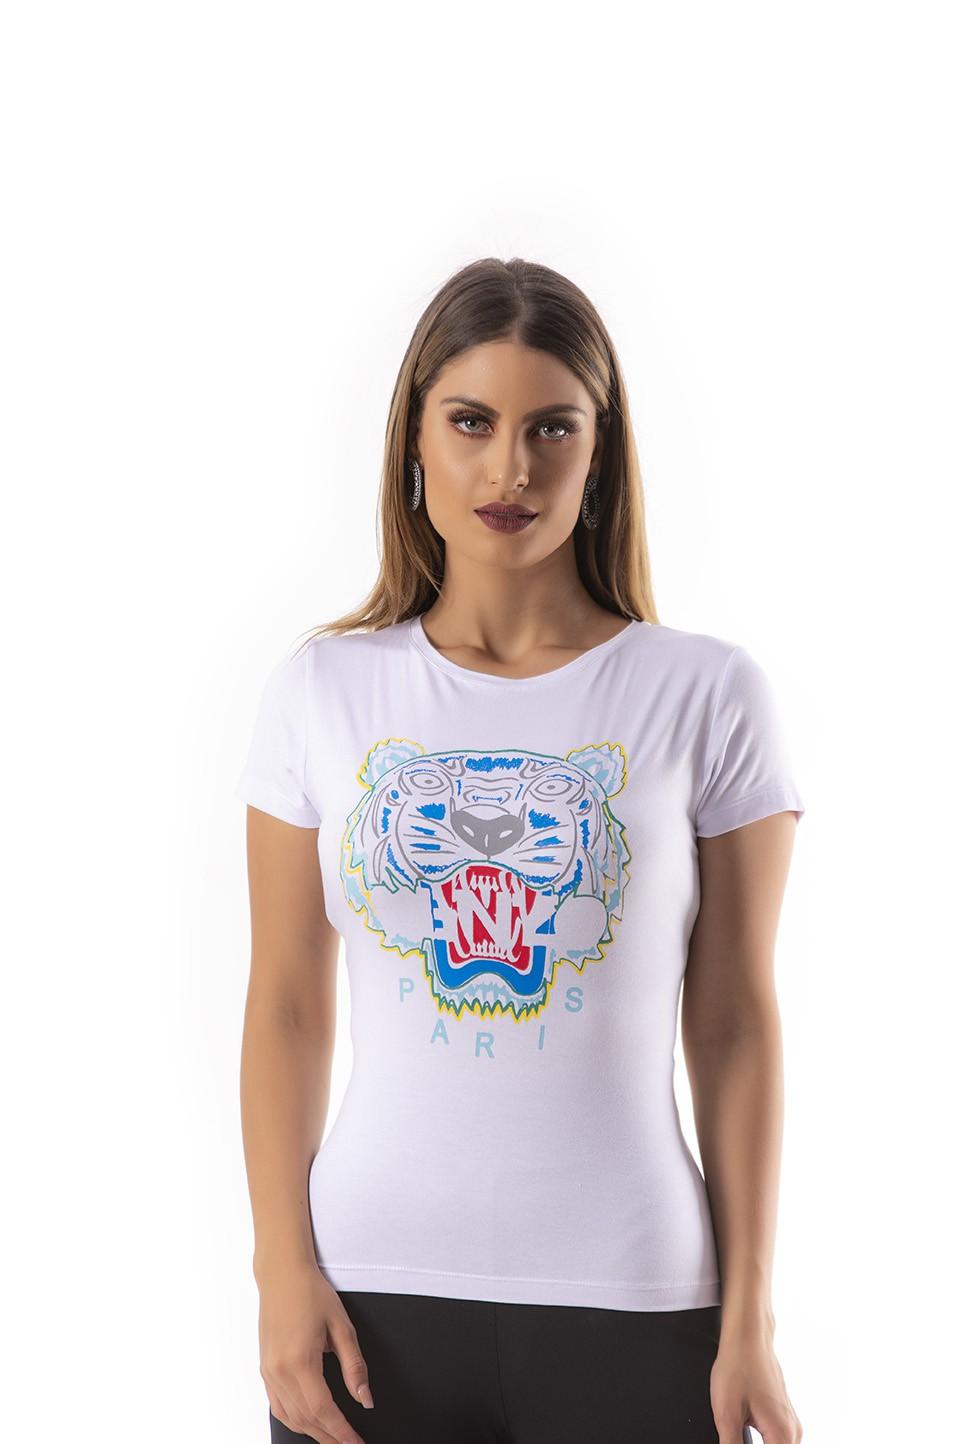 T-shirt com estampa de tigre